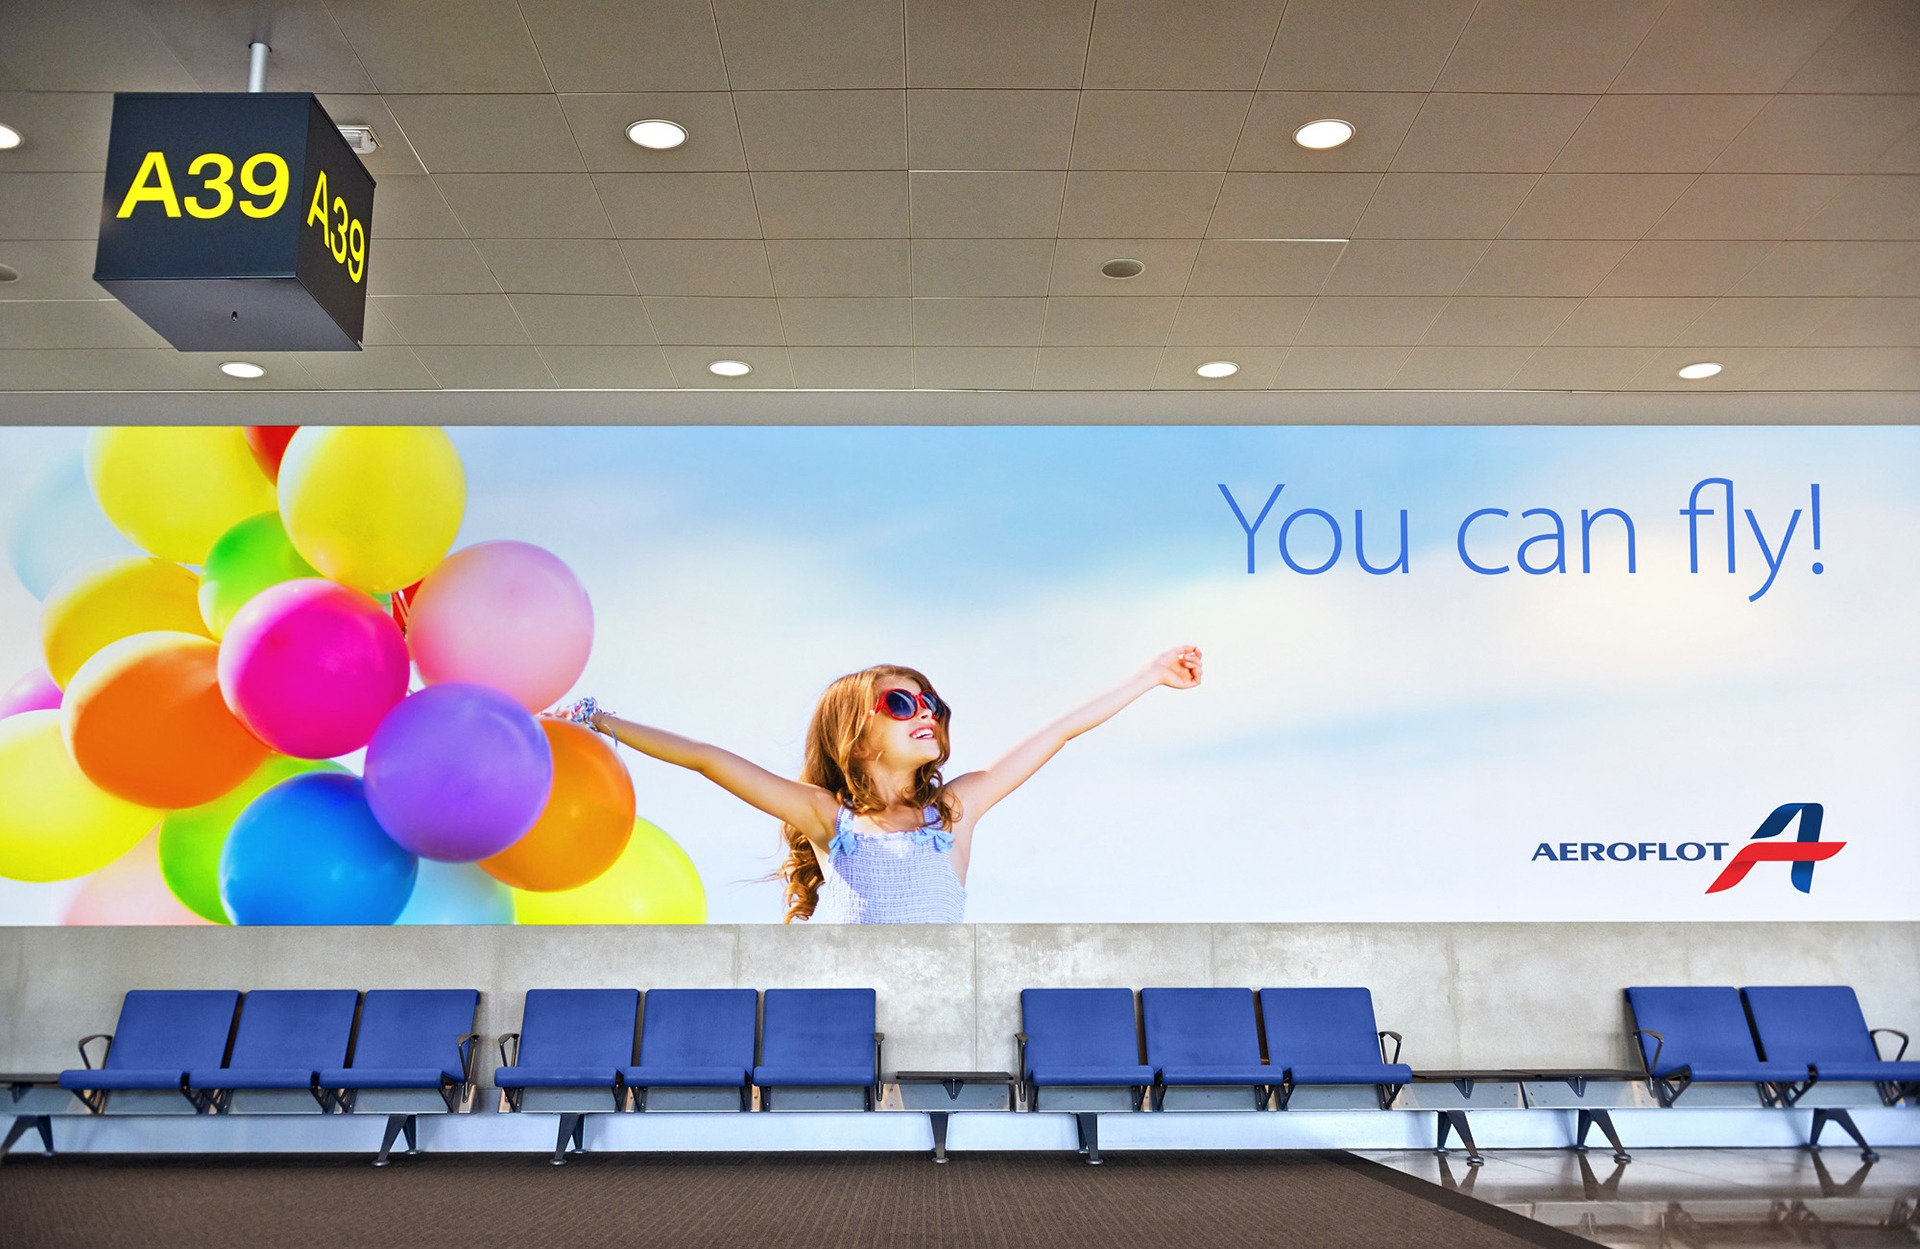 Постер Аэрофлот, рекламная кампания, Aeroflot identity, фирменный стиль авиакомпании, Asgard Branding, лого Аэрофлот